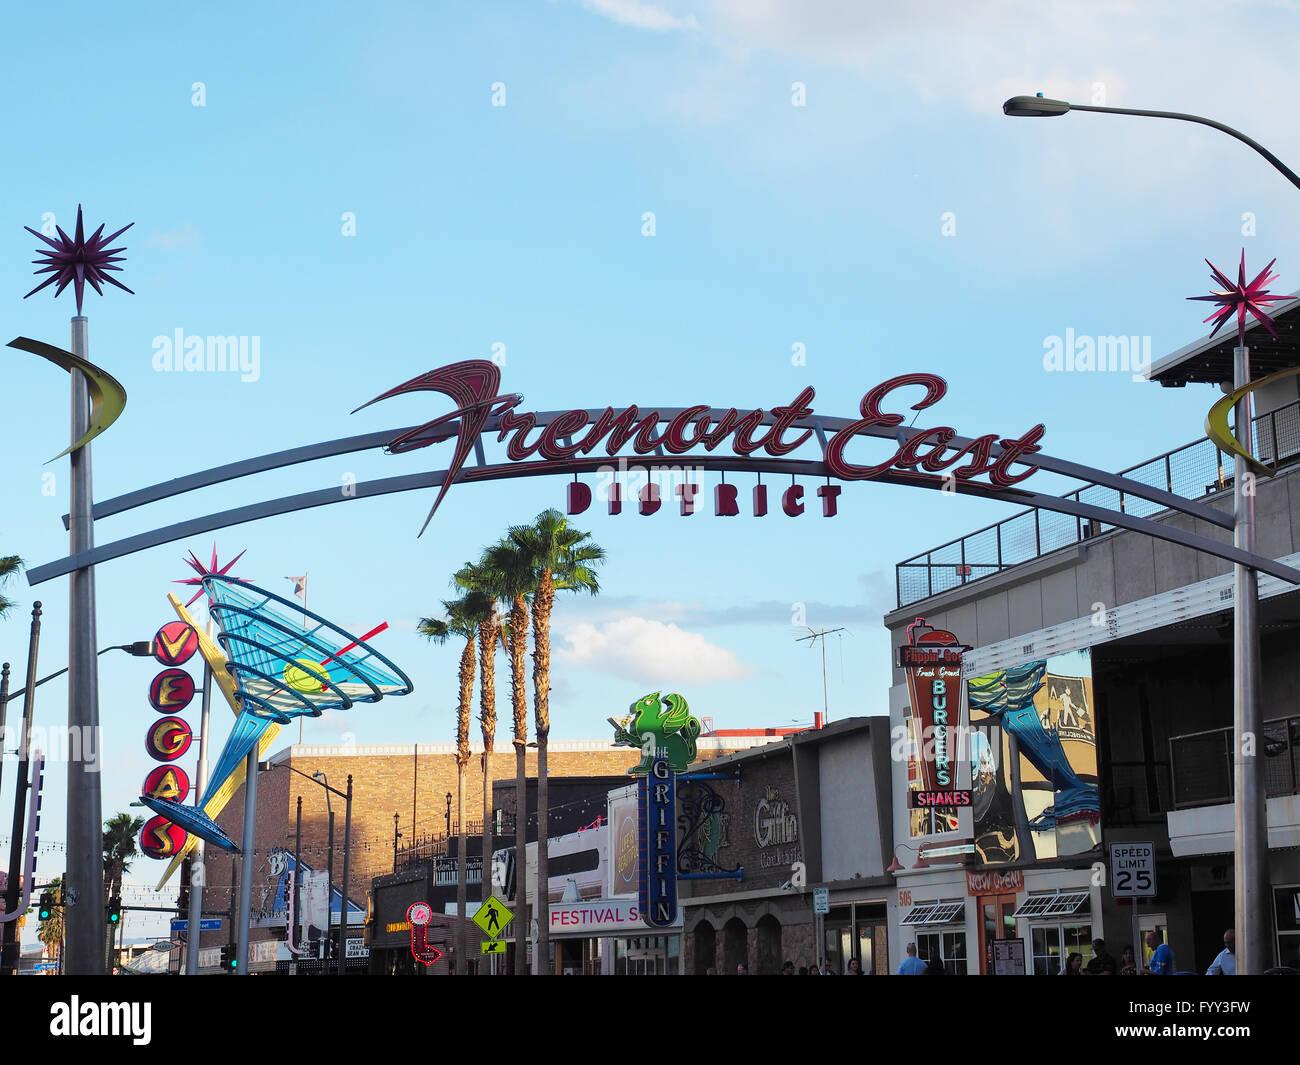 Las Vegas Cowboy Neon Stock Photos & Las Vegas Cowboy Neon Stock ...